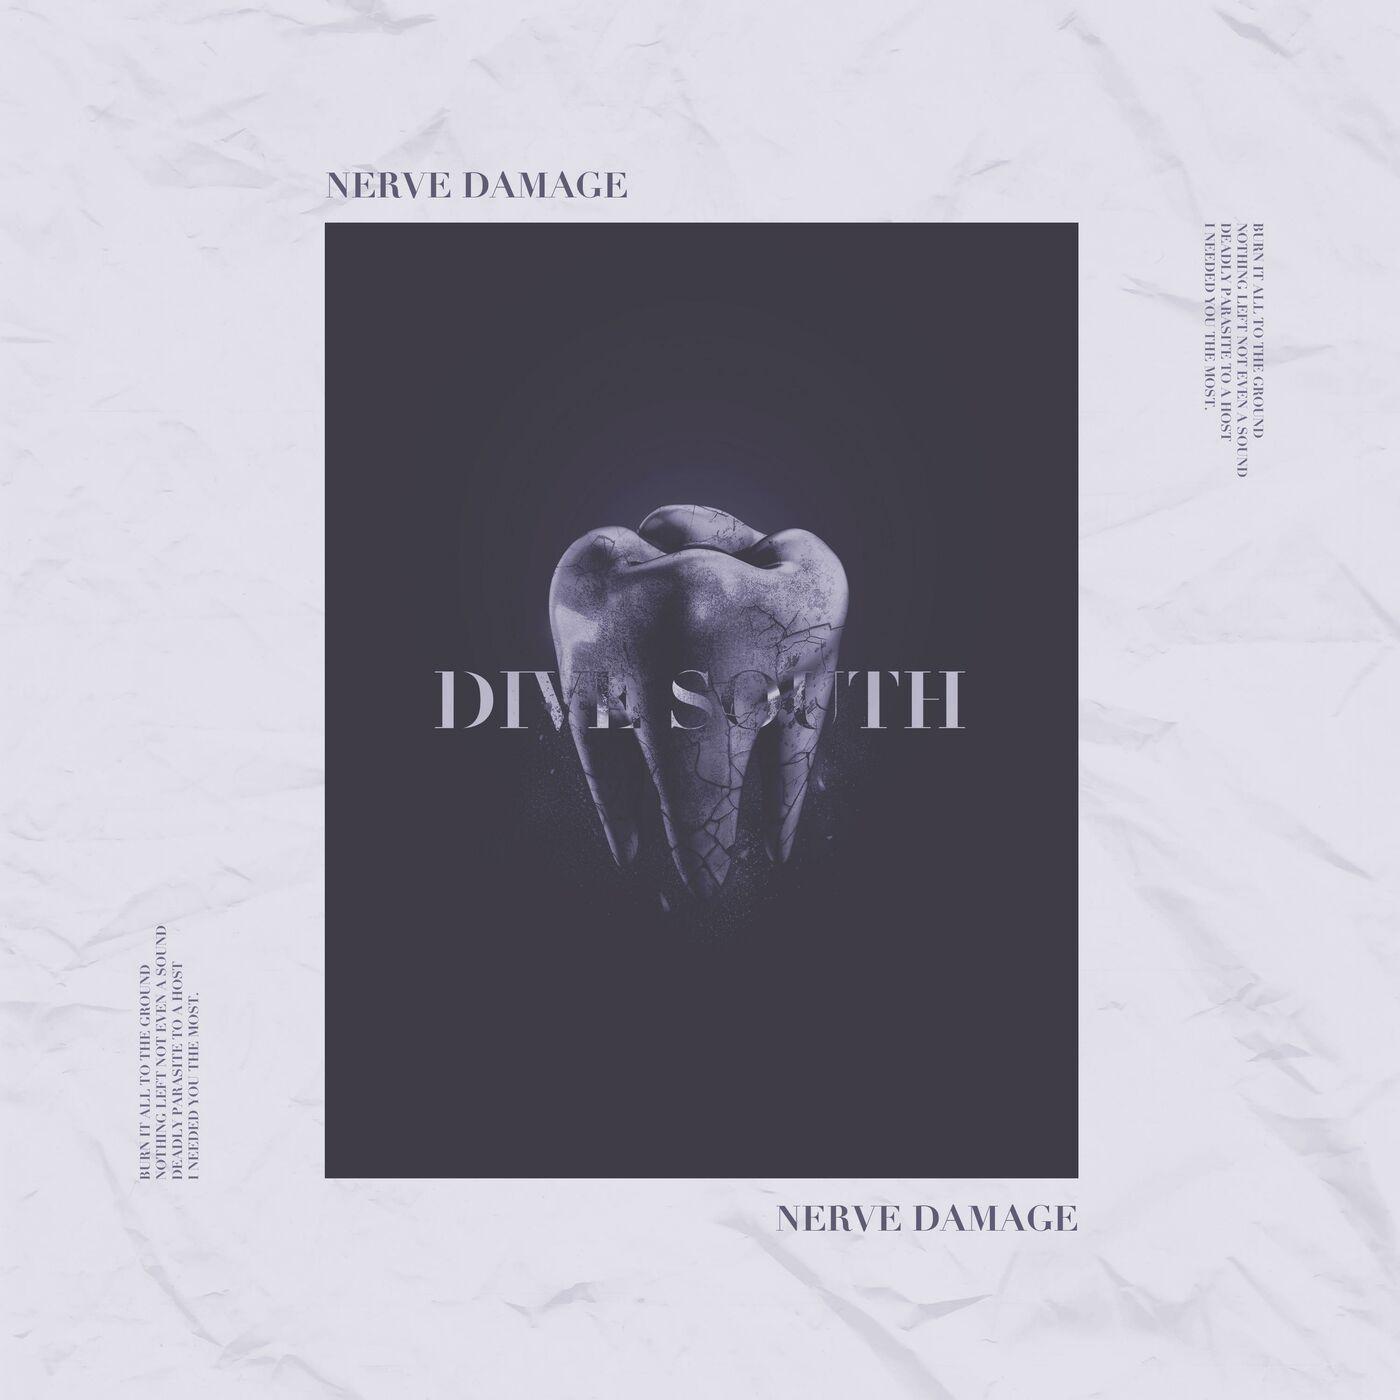 Dive South - Nerve Damage [EP] (2020)